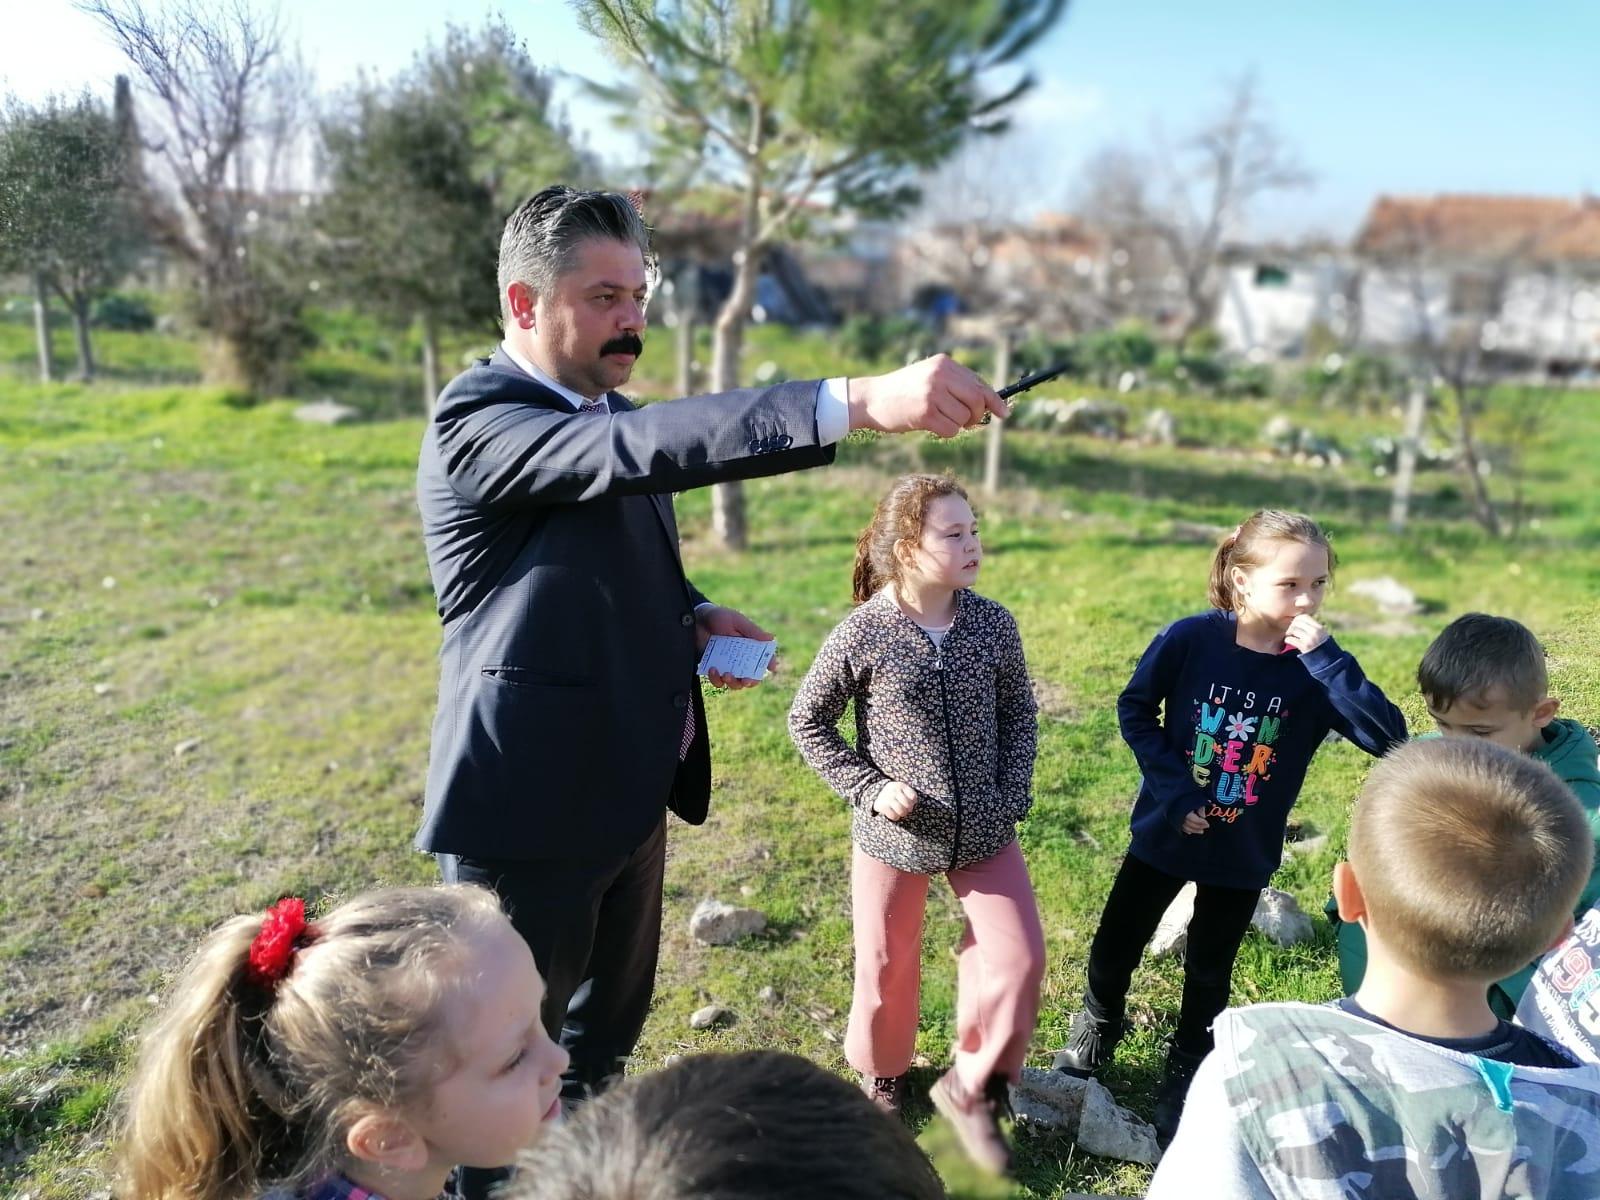 Bayramiç Belediyesi, 23 Nisan coşkusunu çocukların ayağına götürdü